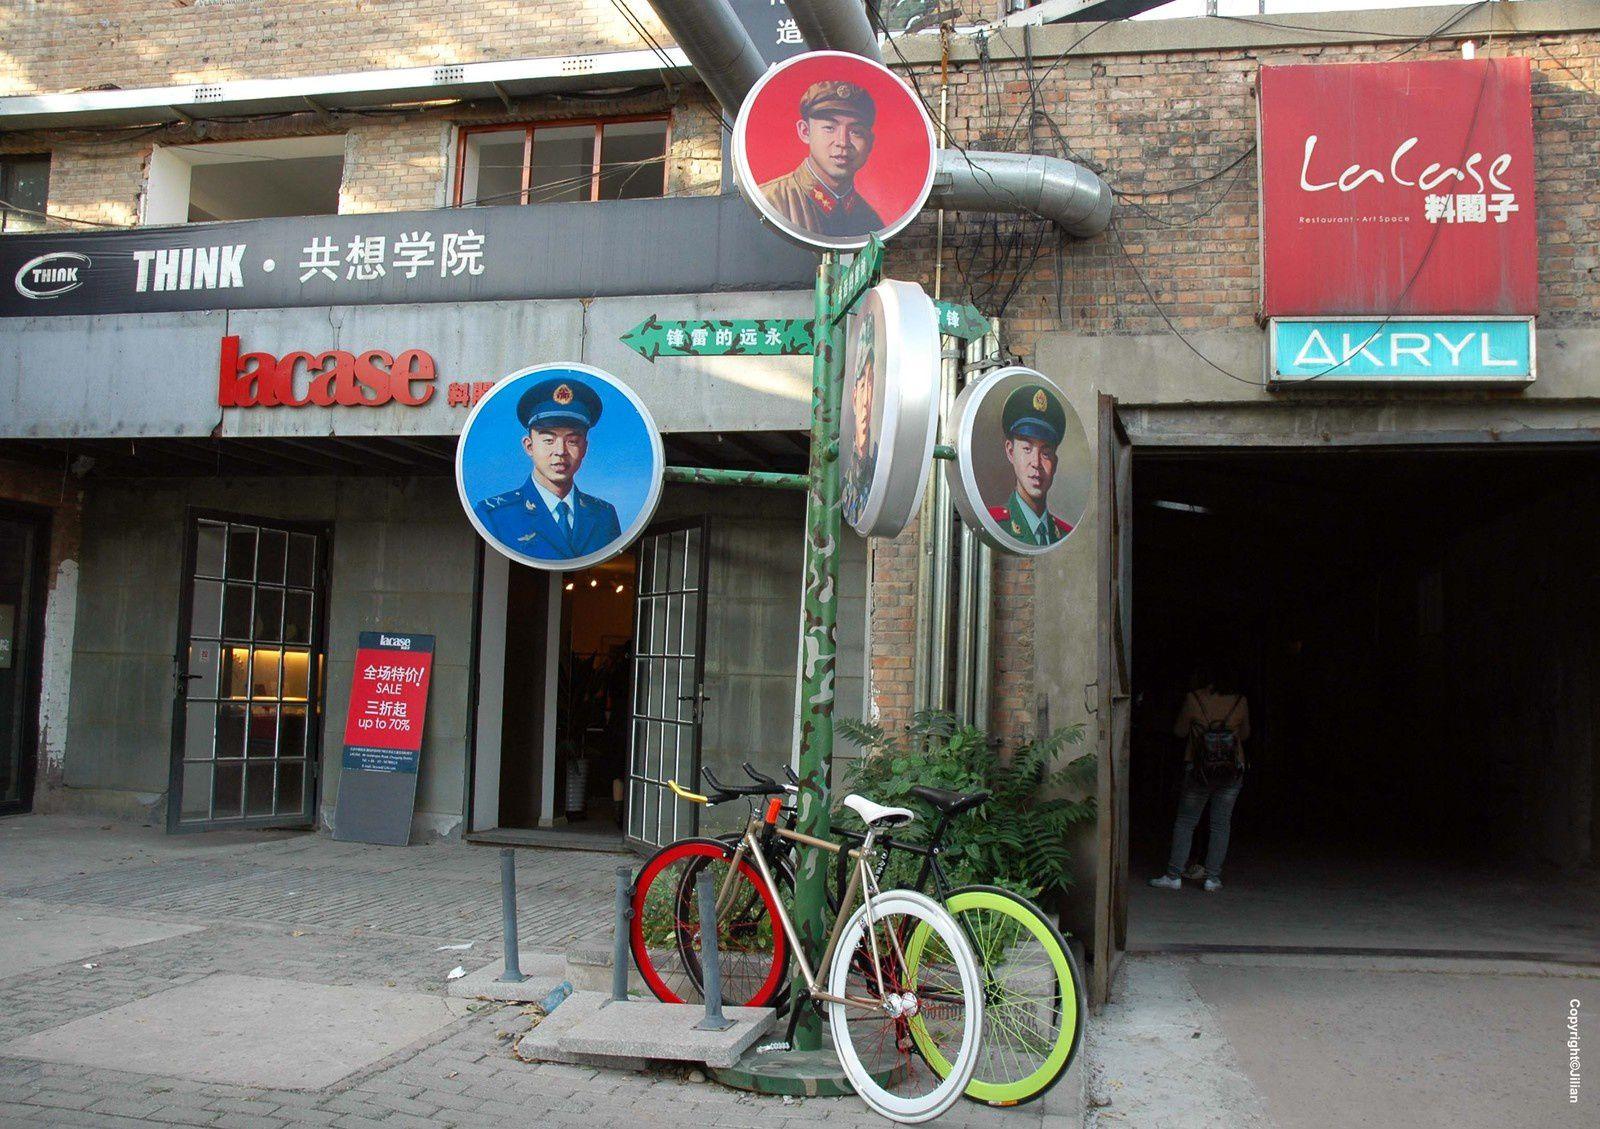 """Un nouveau look pour Lei Feng - 雷锋,ce soldat tiré de sa tombe par Mao dans les années soixante pour en faire l'emblême du dévouement au Parti Communiste Chinois, dans une campagne qui, depuis, revient tous les ans :  """"Imitez le camarade Lei Feng - 向雷锋同志学习"""""""